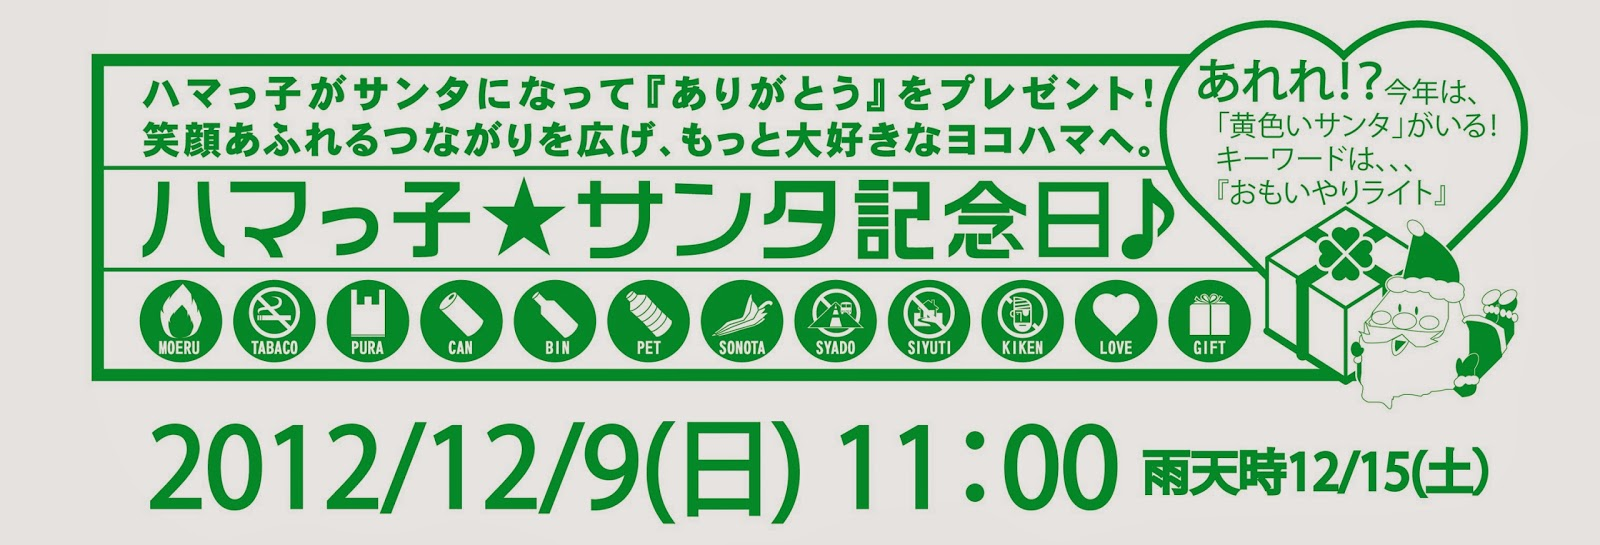 ヨコハマ☆スカベンジ大作戦2012